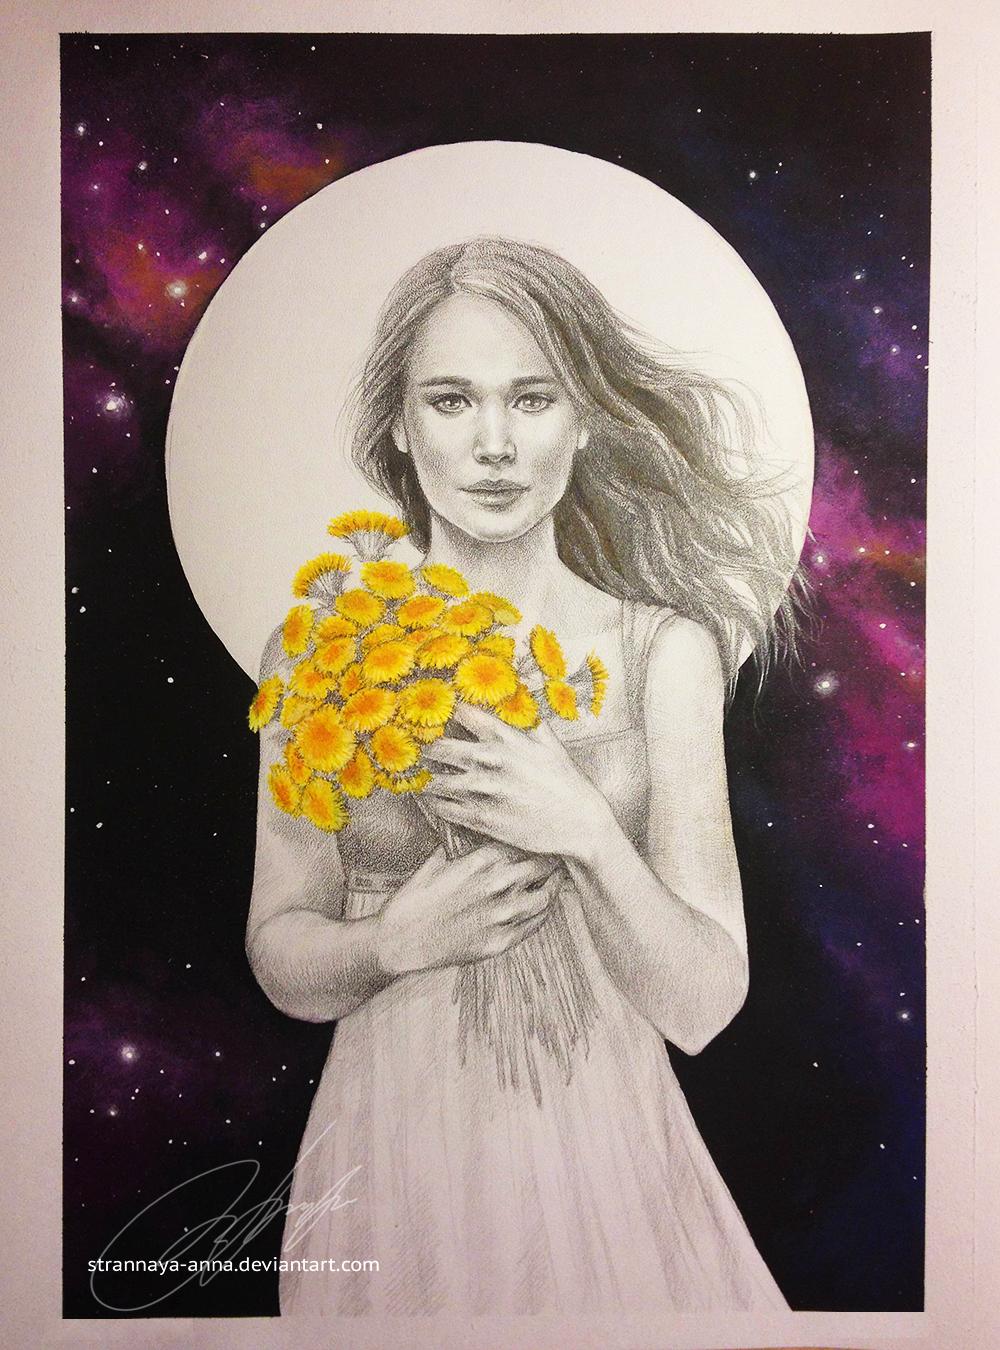 Katniss Everdeen. The Hunger Games. by strannaya-anna